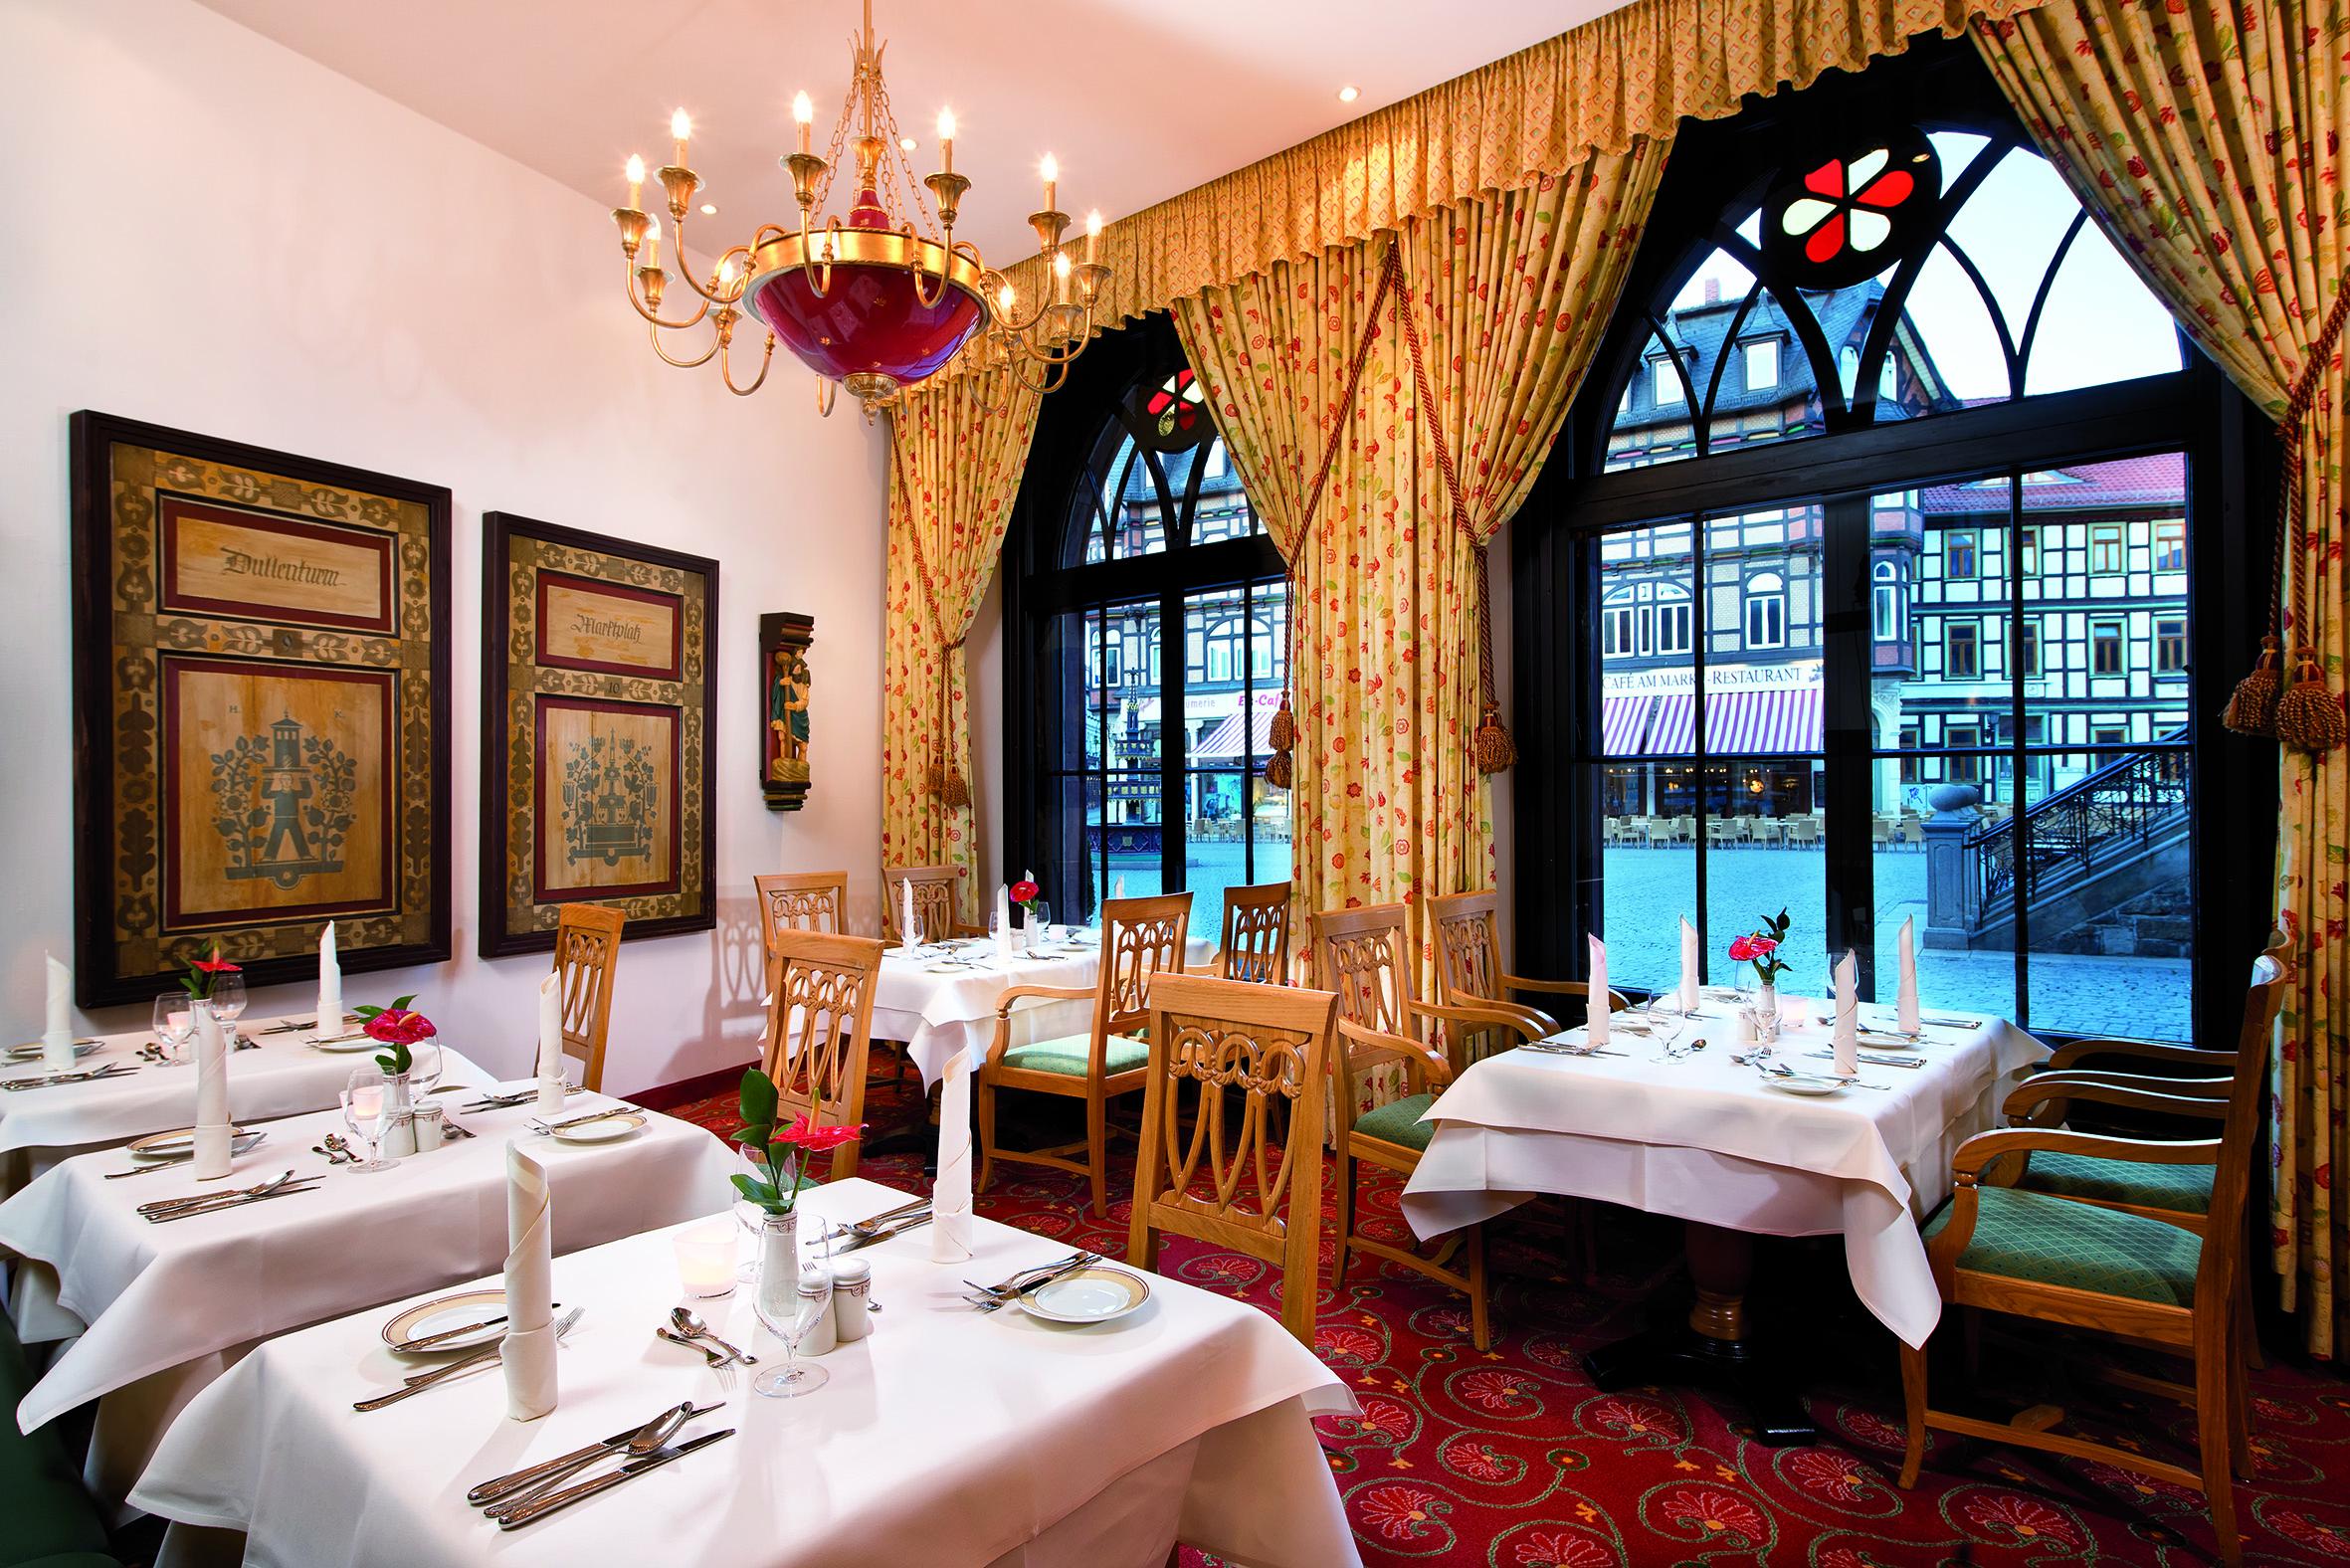 Travel Charme Gothisches Haus Wernigerode - Restaurant